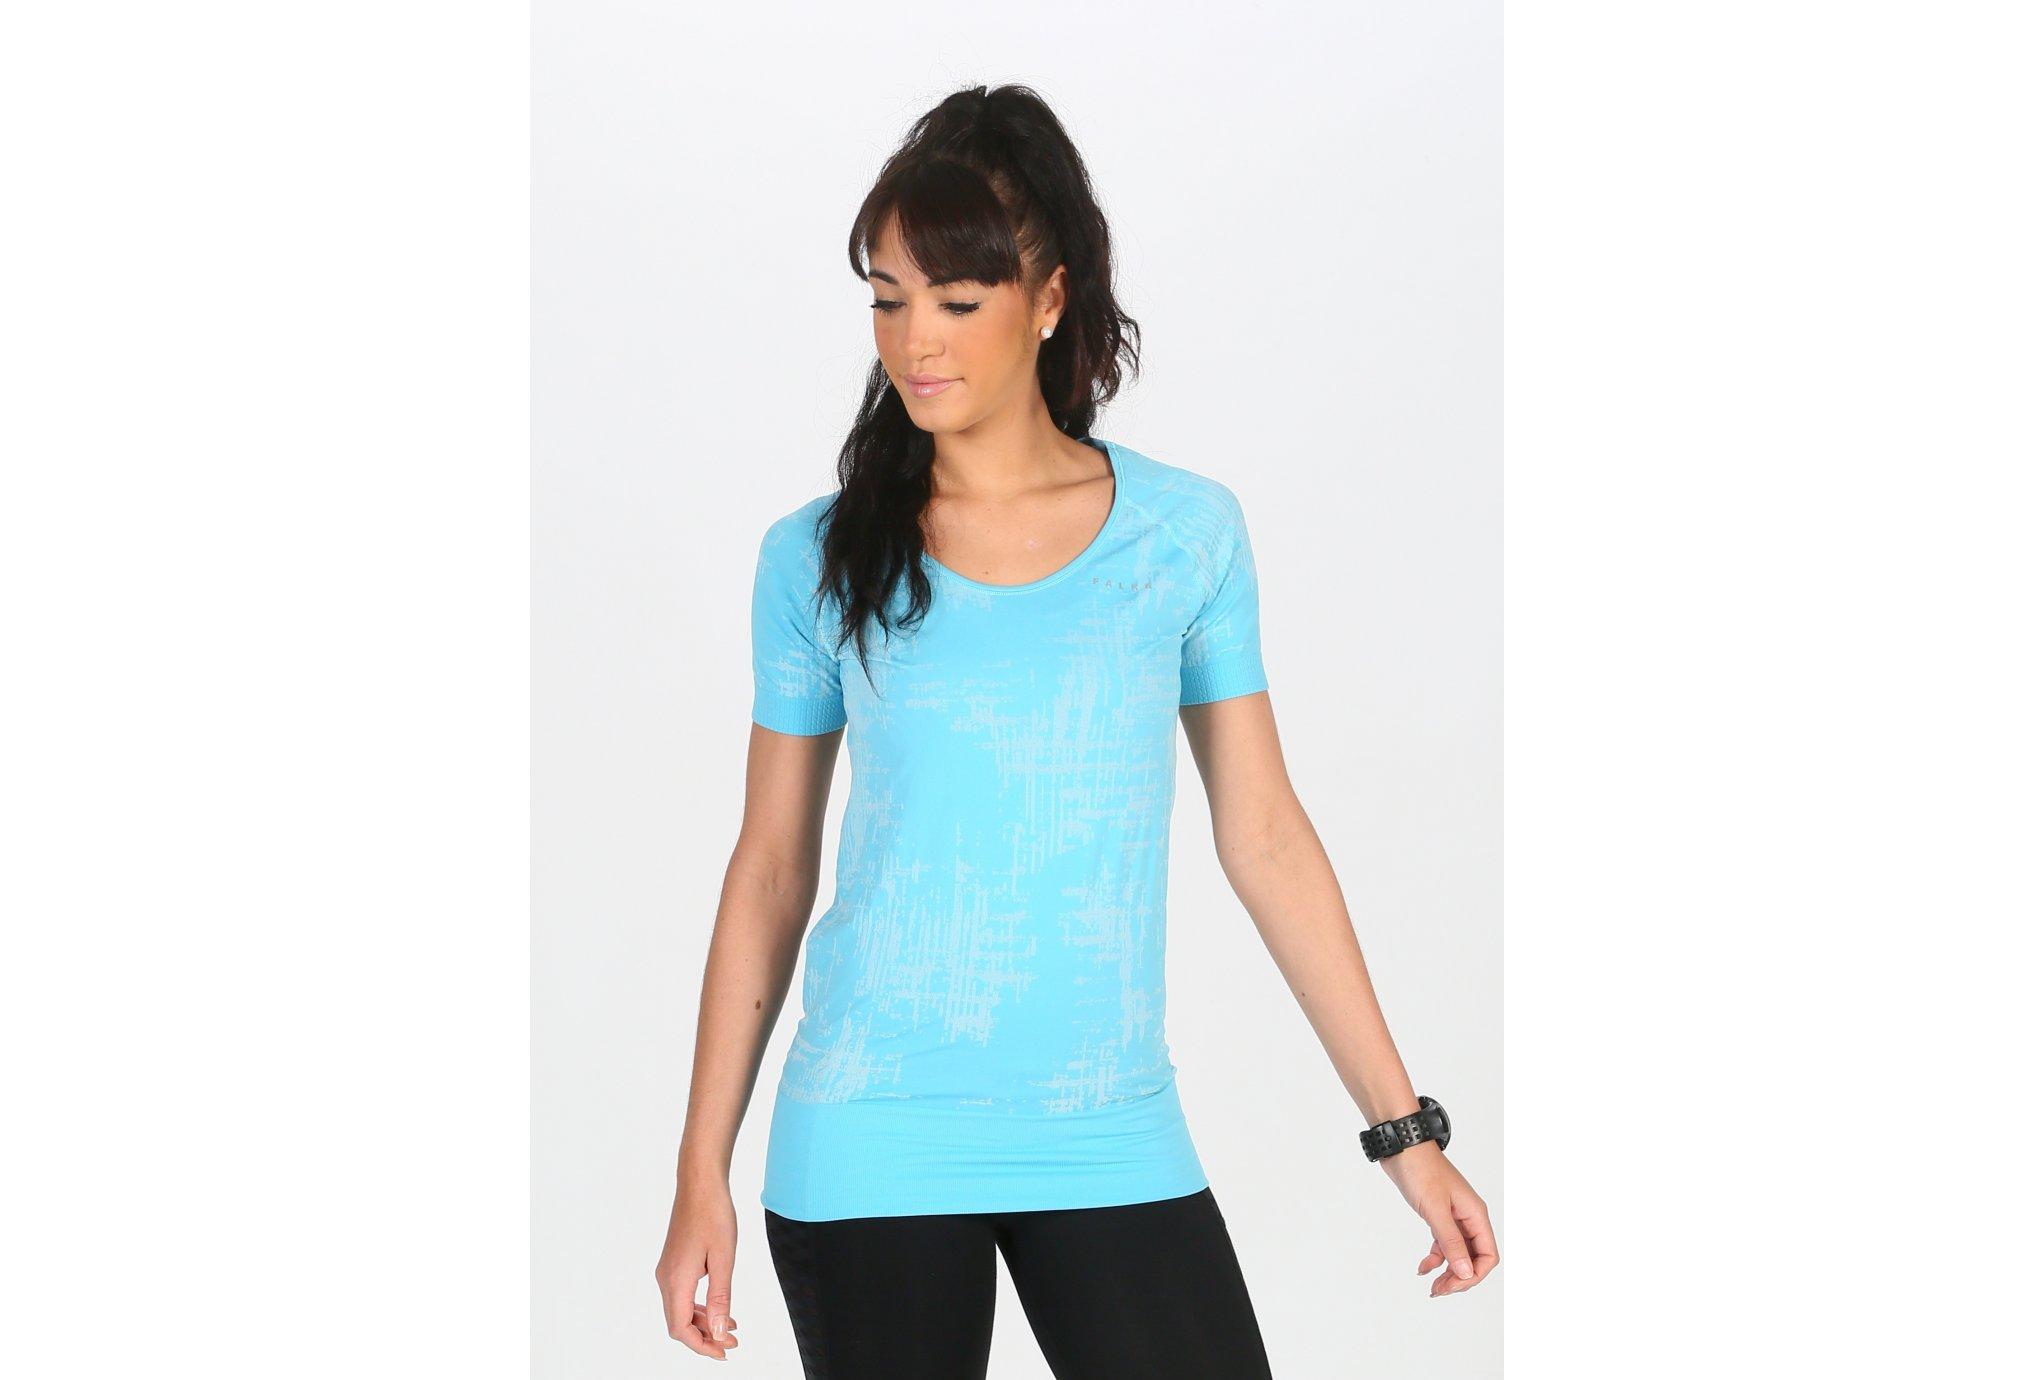 Falke Tee-shirt Running Comfort W Diététique Vêtements femme